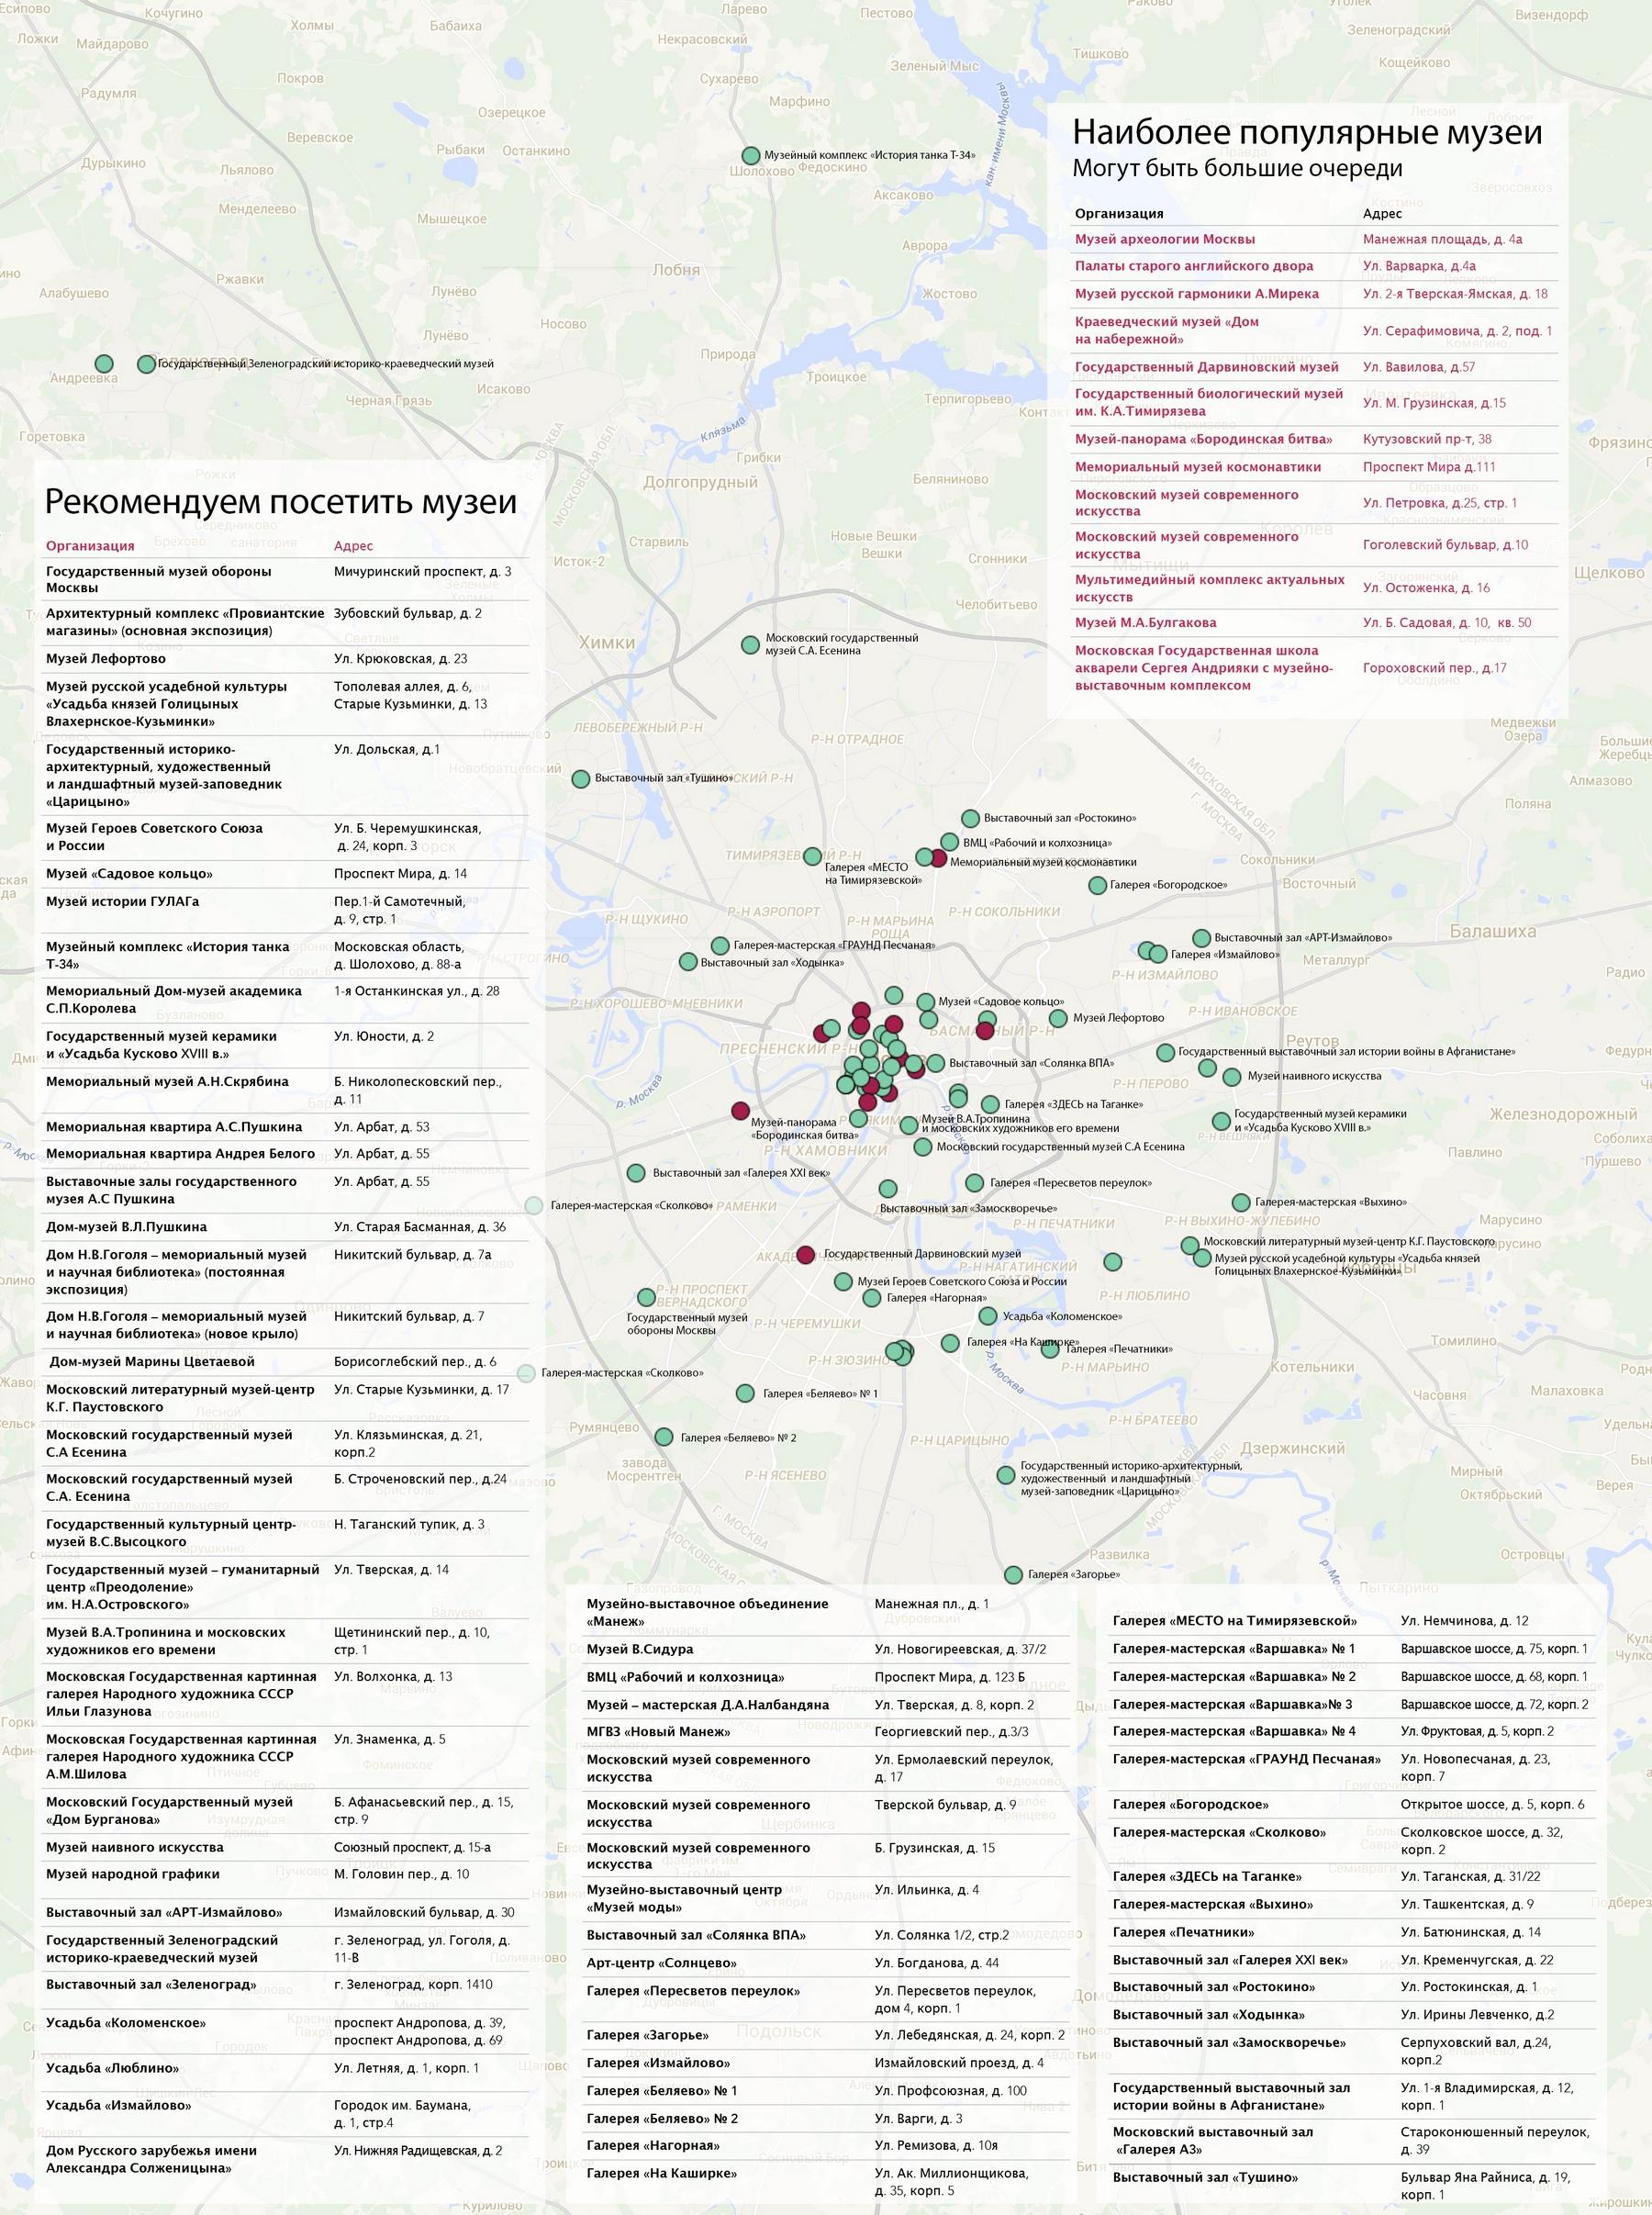 бесплатные музеи, новогодние праздники в москве, новый год 2017  бесплатные музеи москвы Бесплатные музеи Москвы в новогодние праздники besplatnye muzei 2016